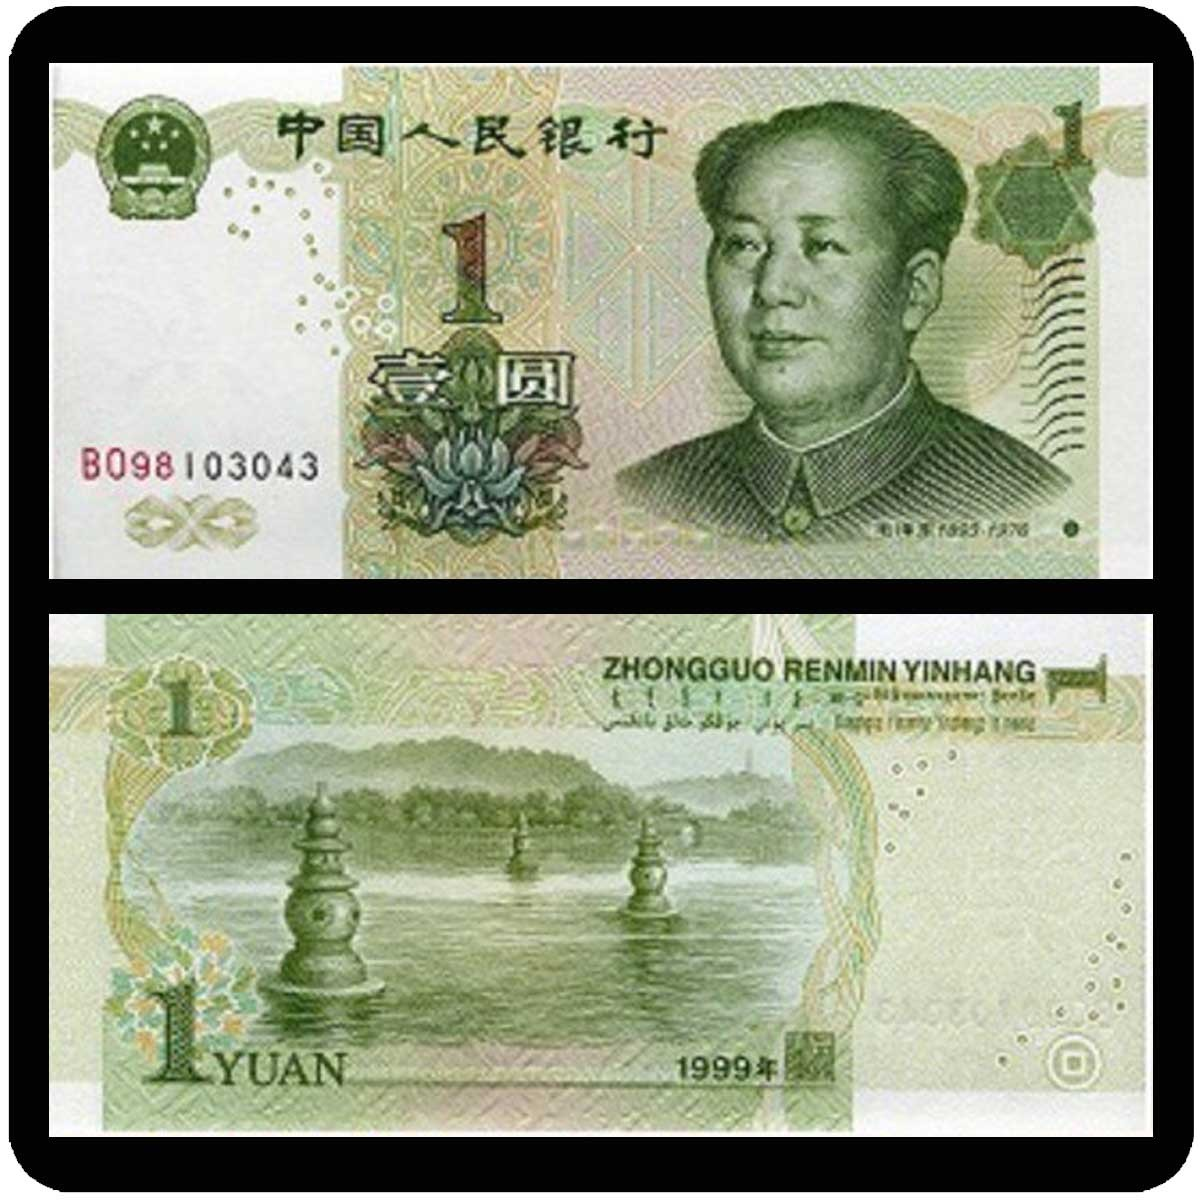 Китай 1 юань 1999 года в открытке с маркой код 0329